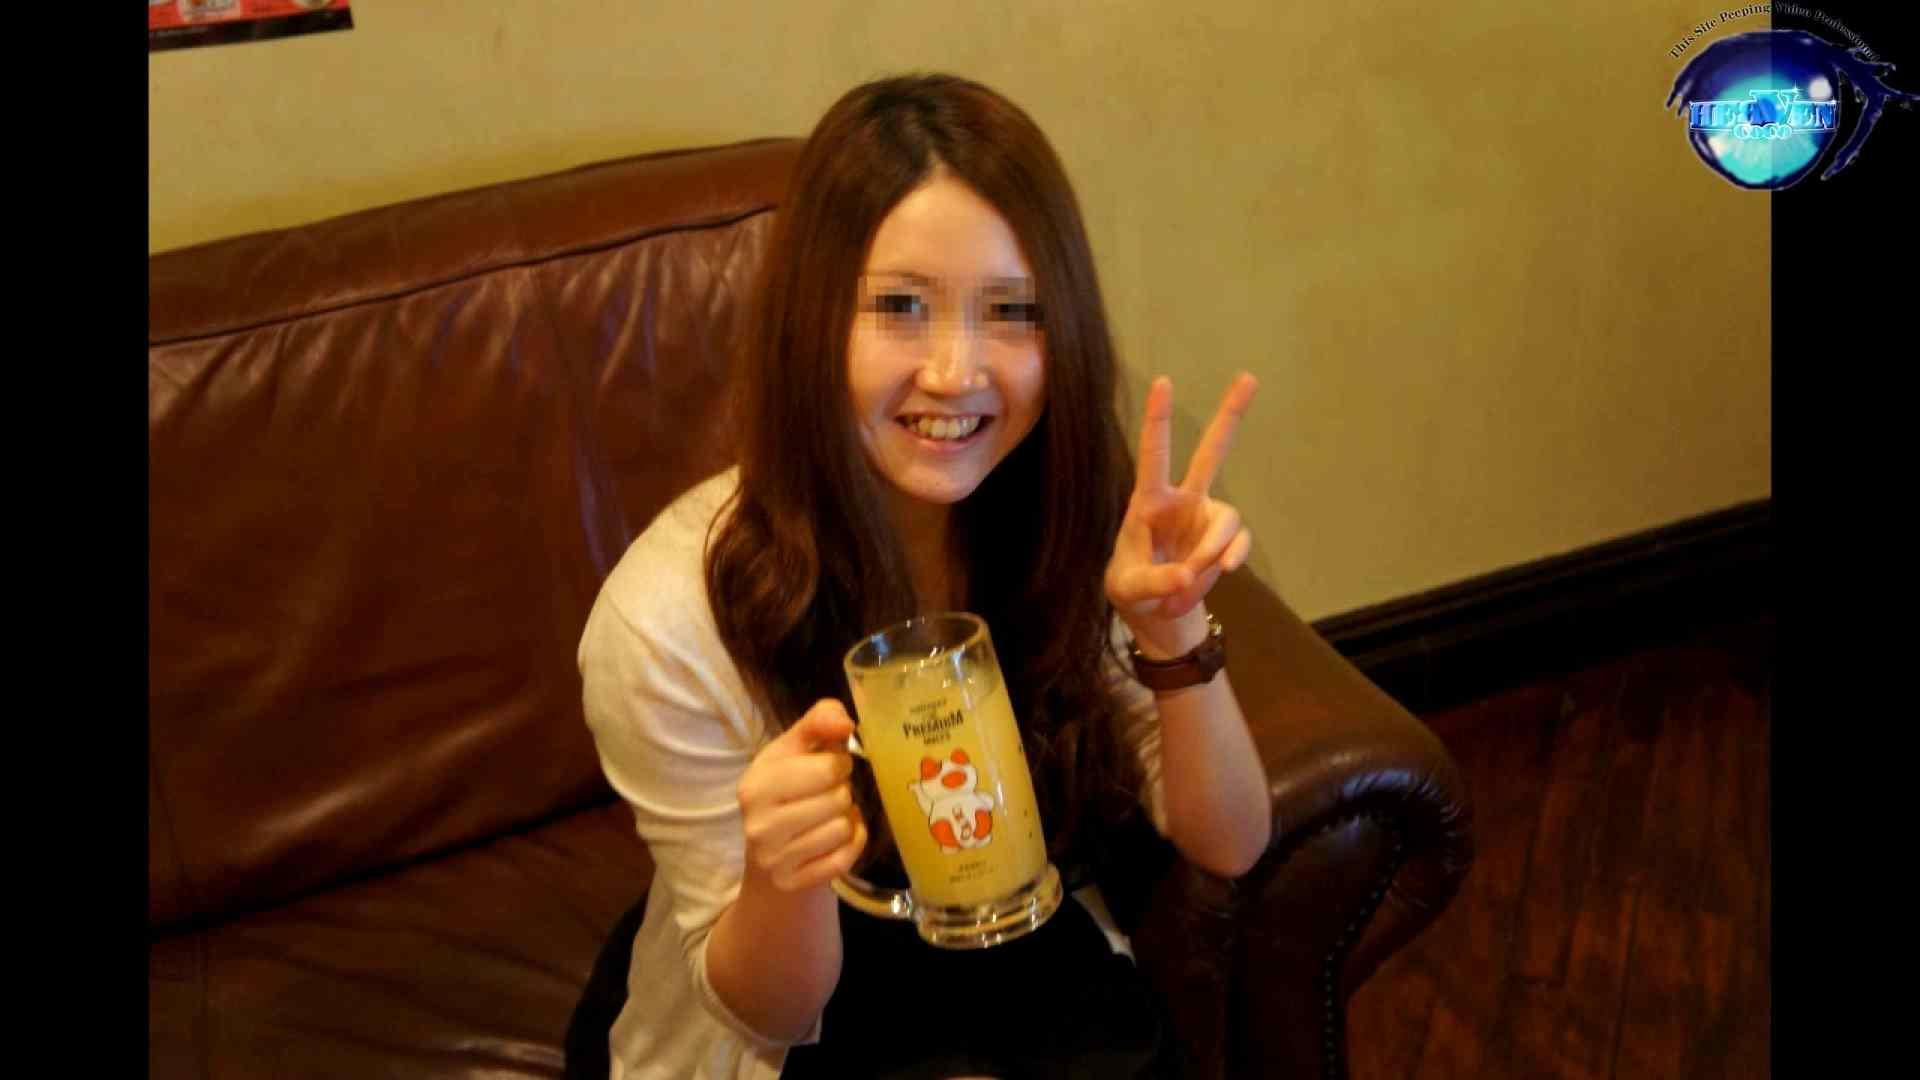 睡魔 シュウライ 第十話 前編 イタズラ | エロカワ女子大生  10pic 1